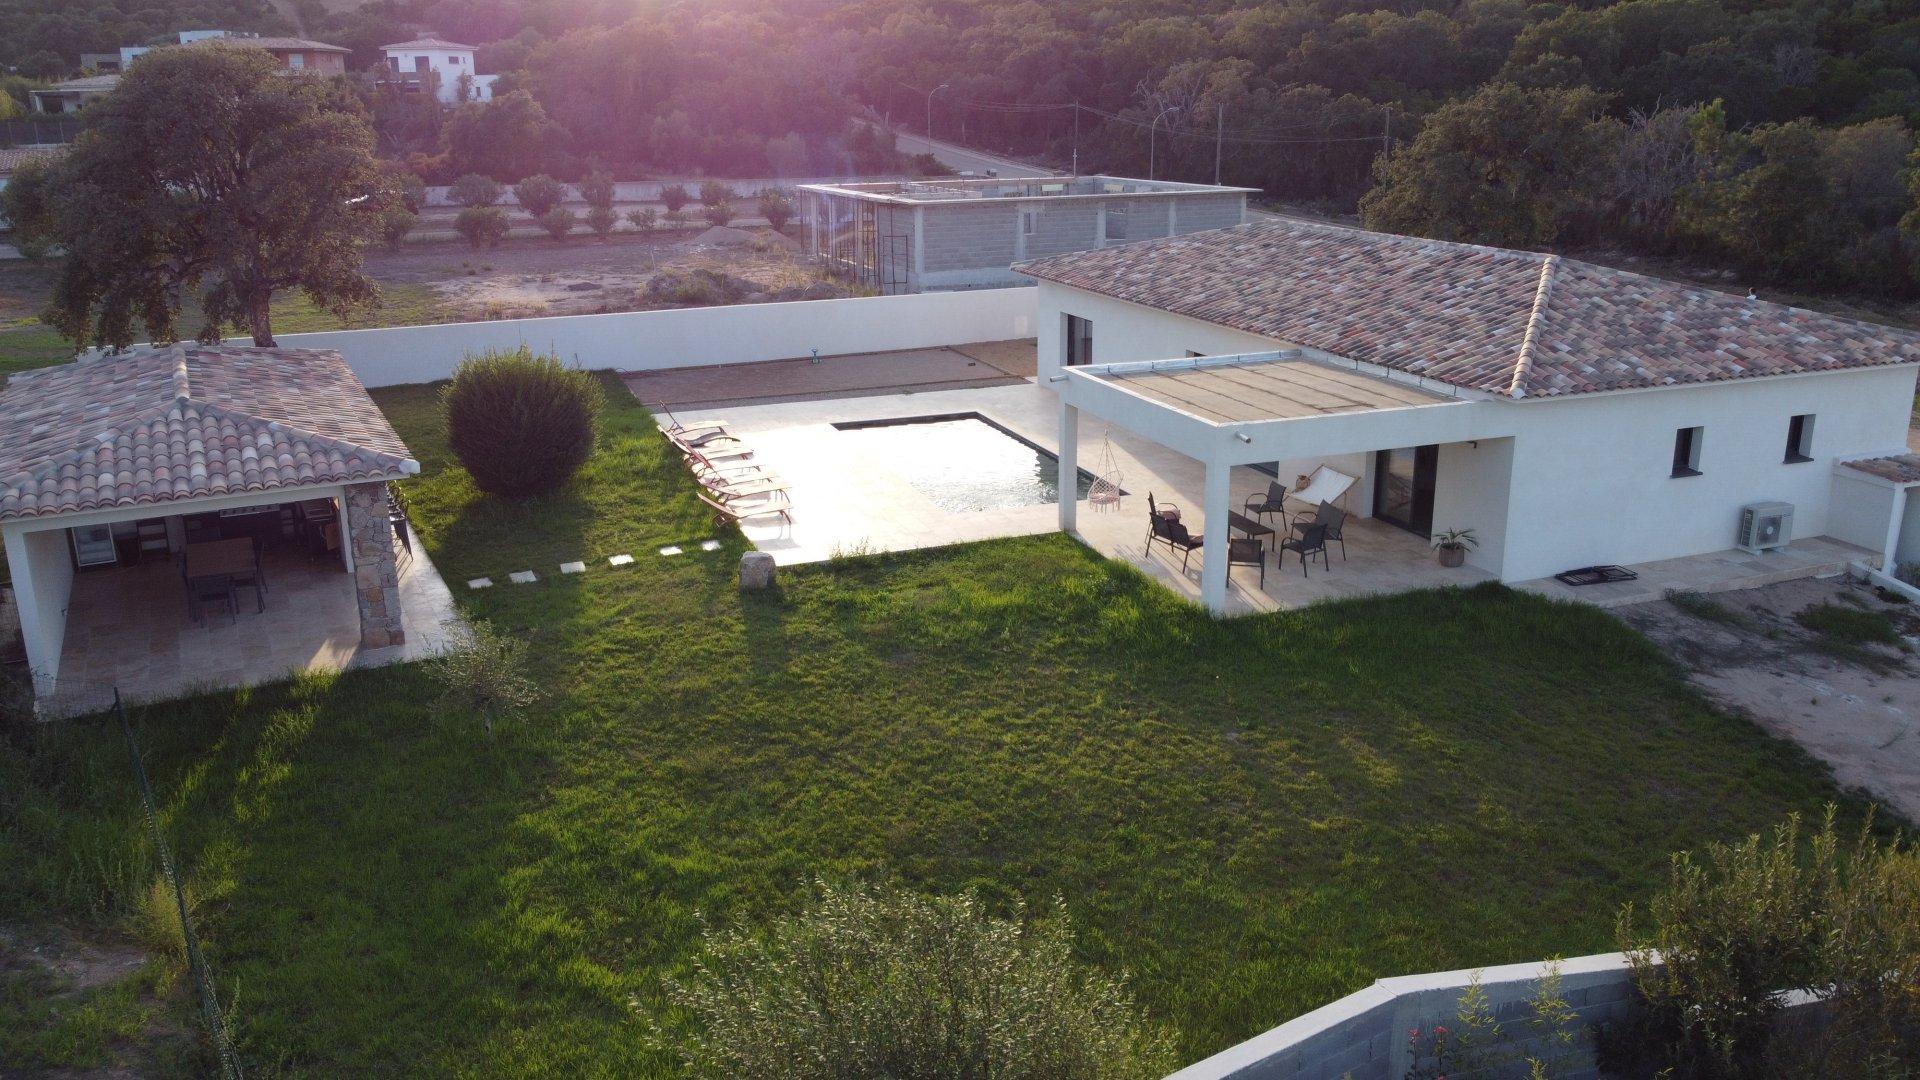 VILLA MODERNE 146M2 5P  PISCINE POOL HOUSE